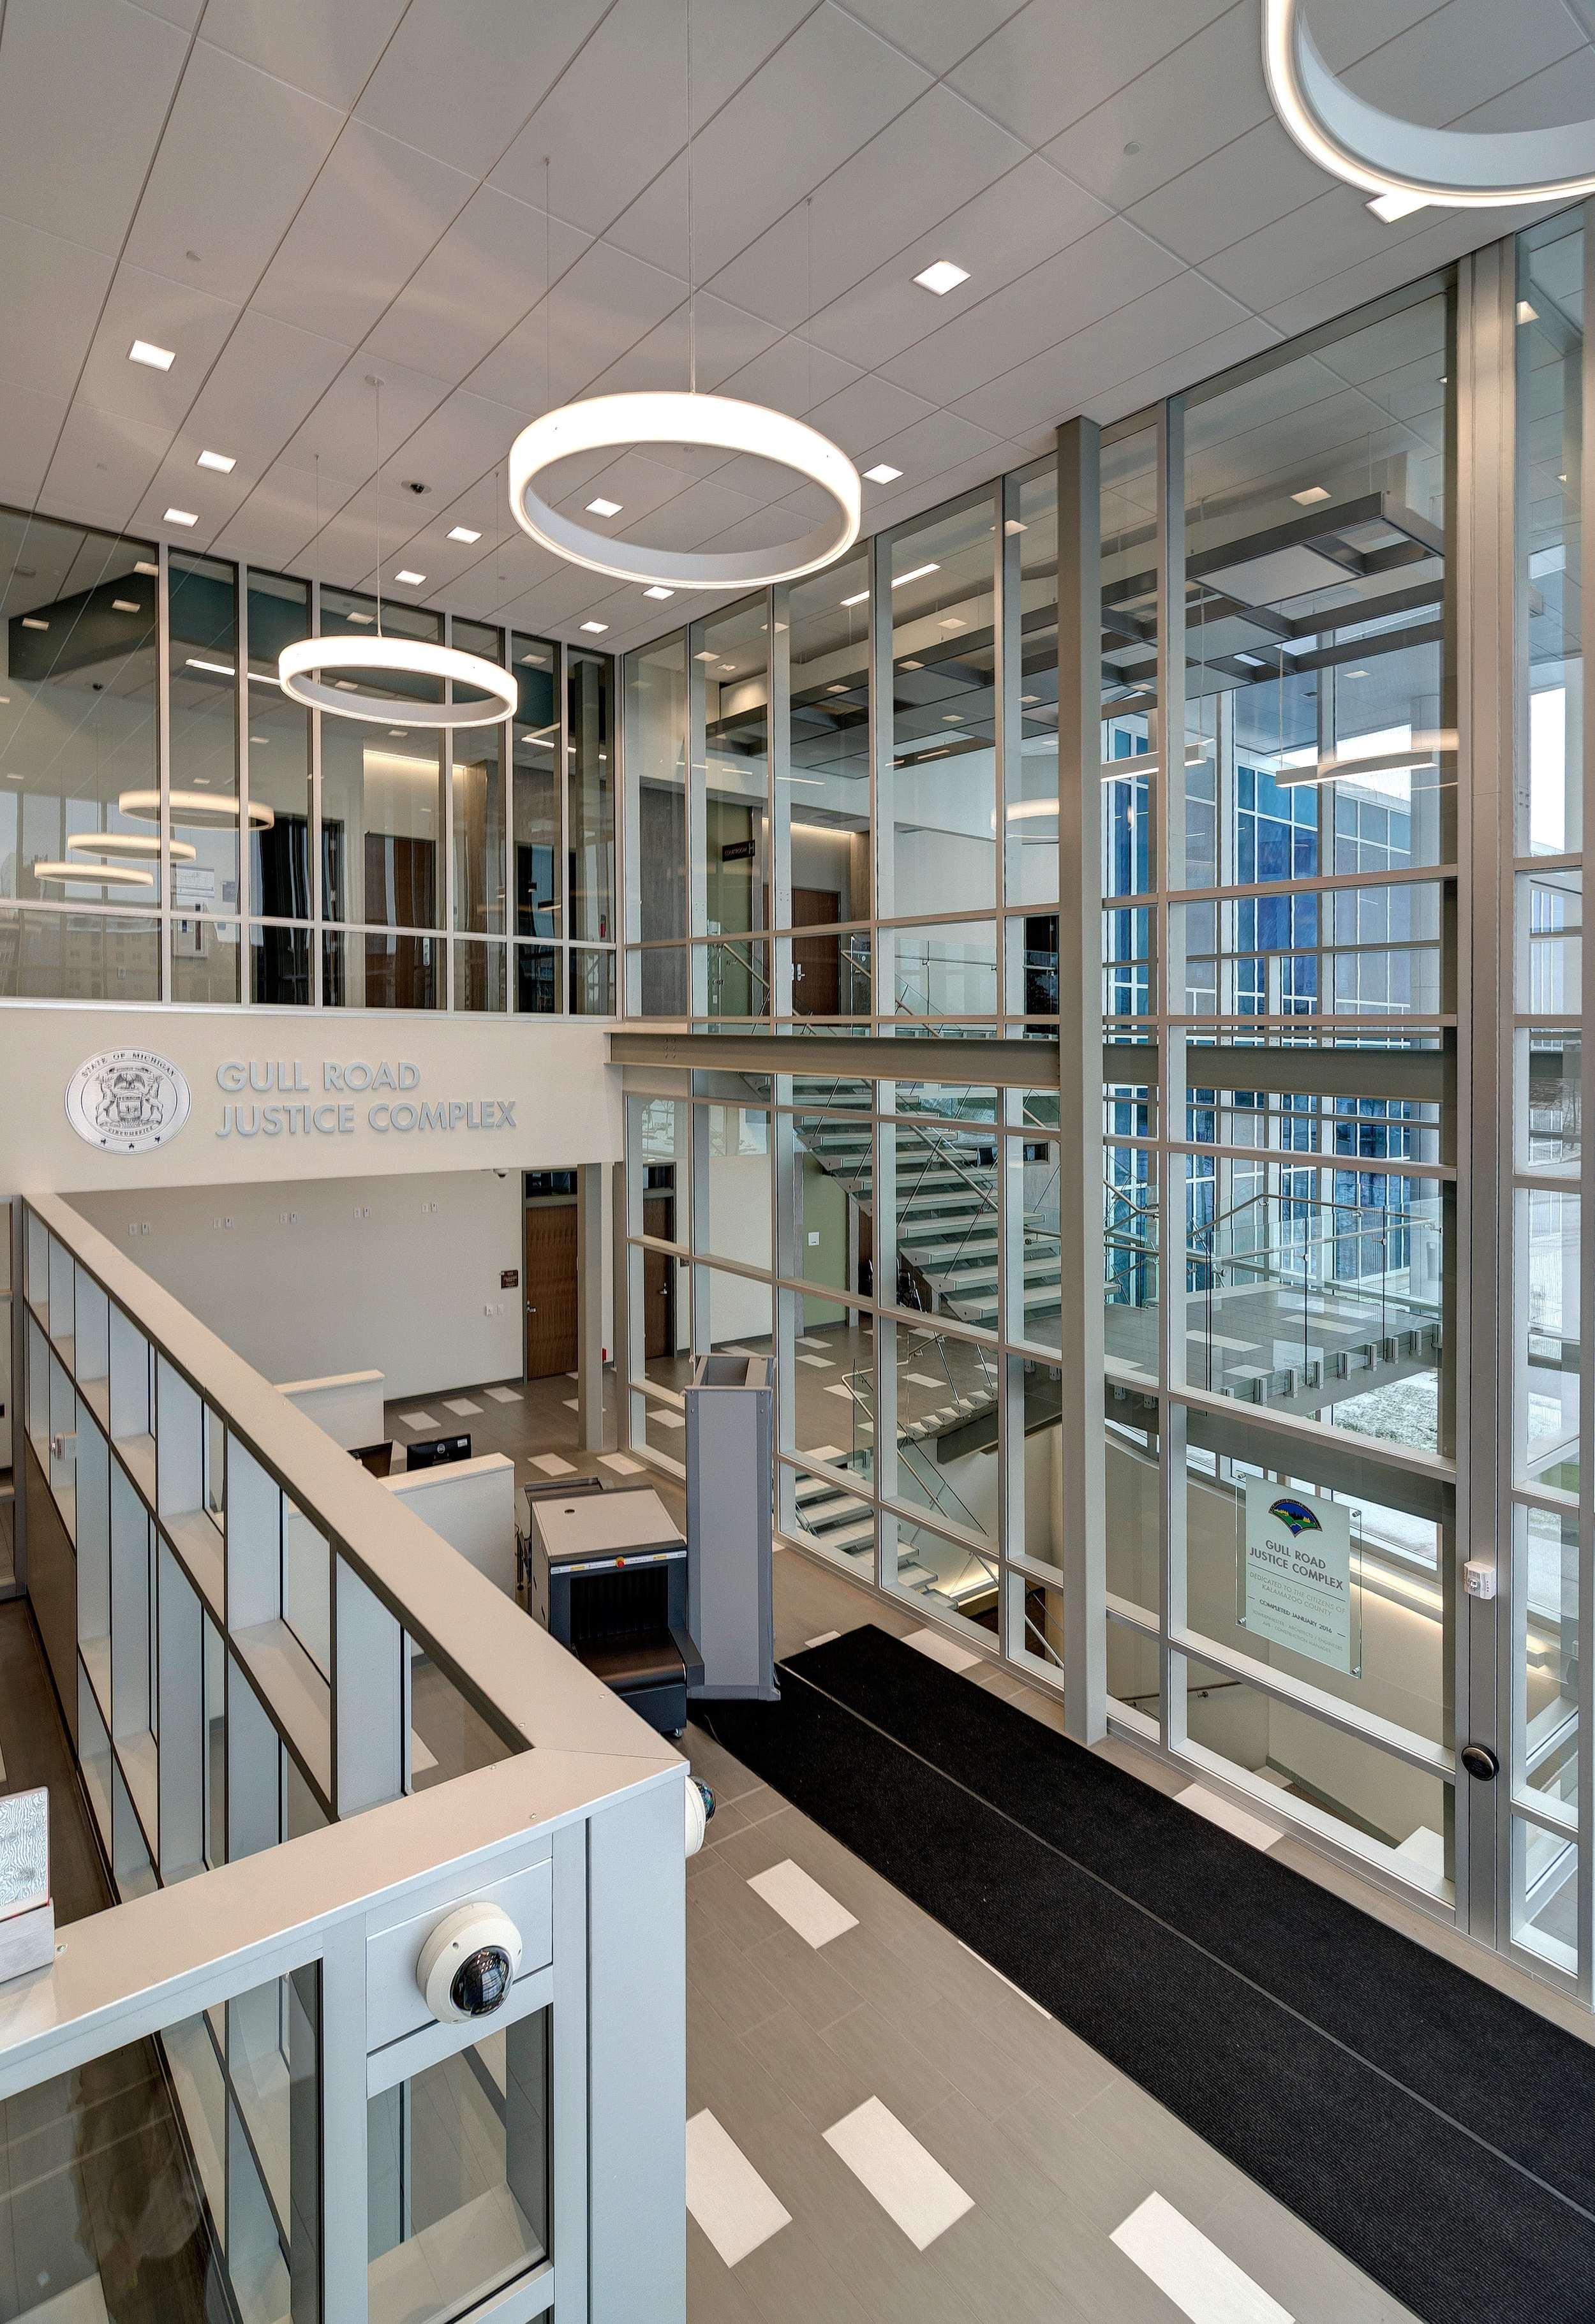 GullRdJusticeComplex-Interior-8931-NeutralColor-FullSize-min[1].jpg